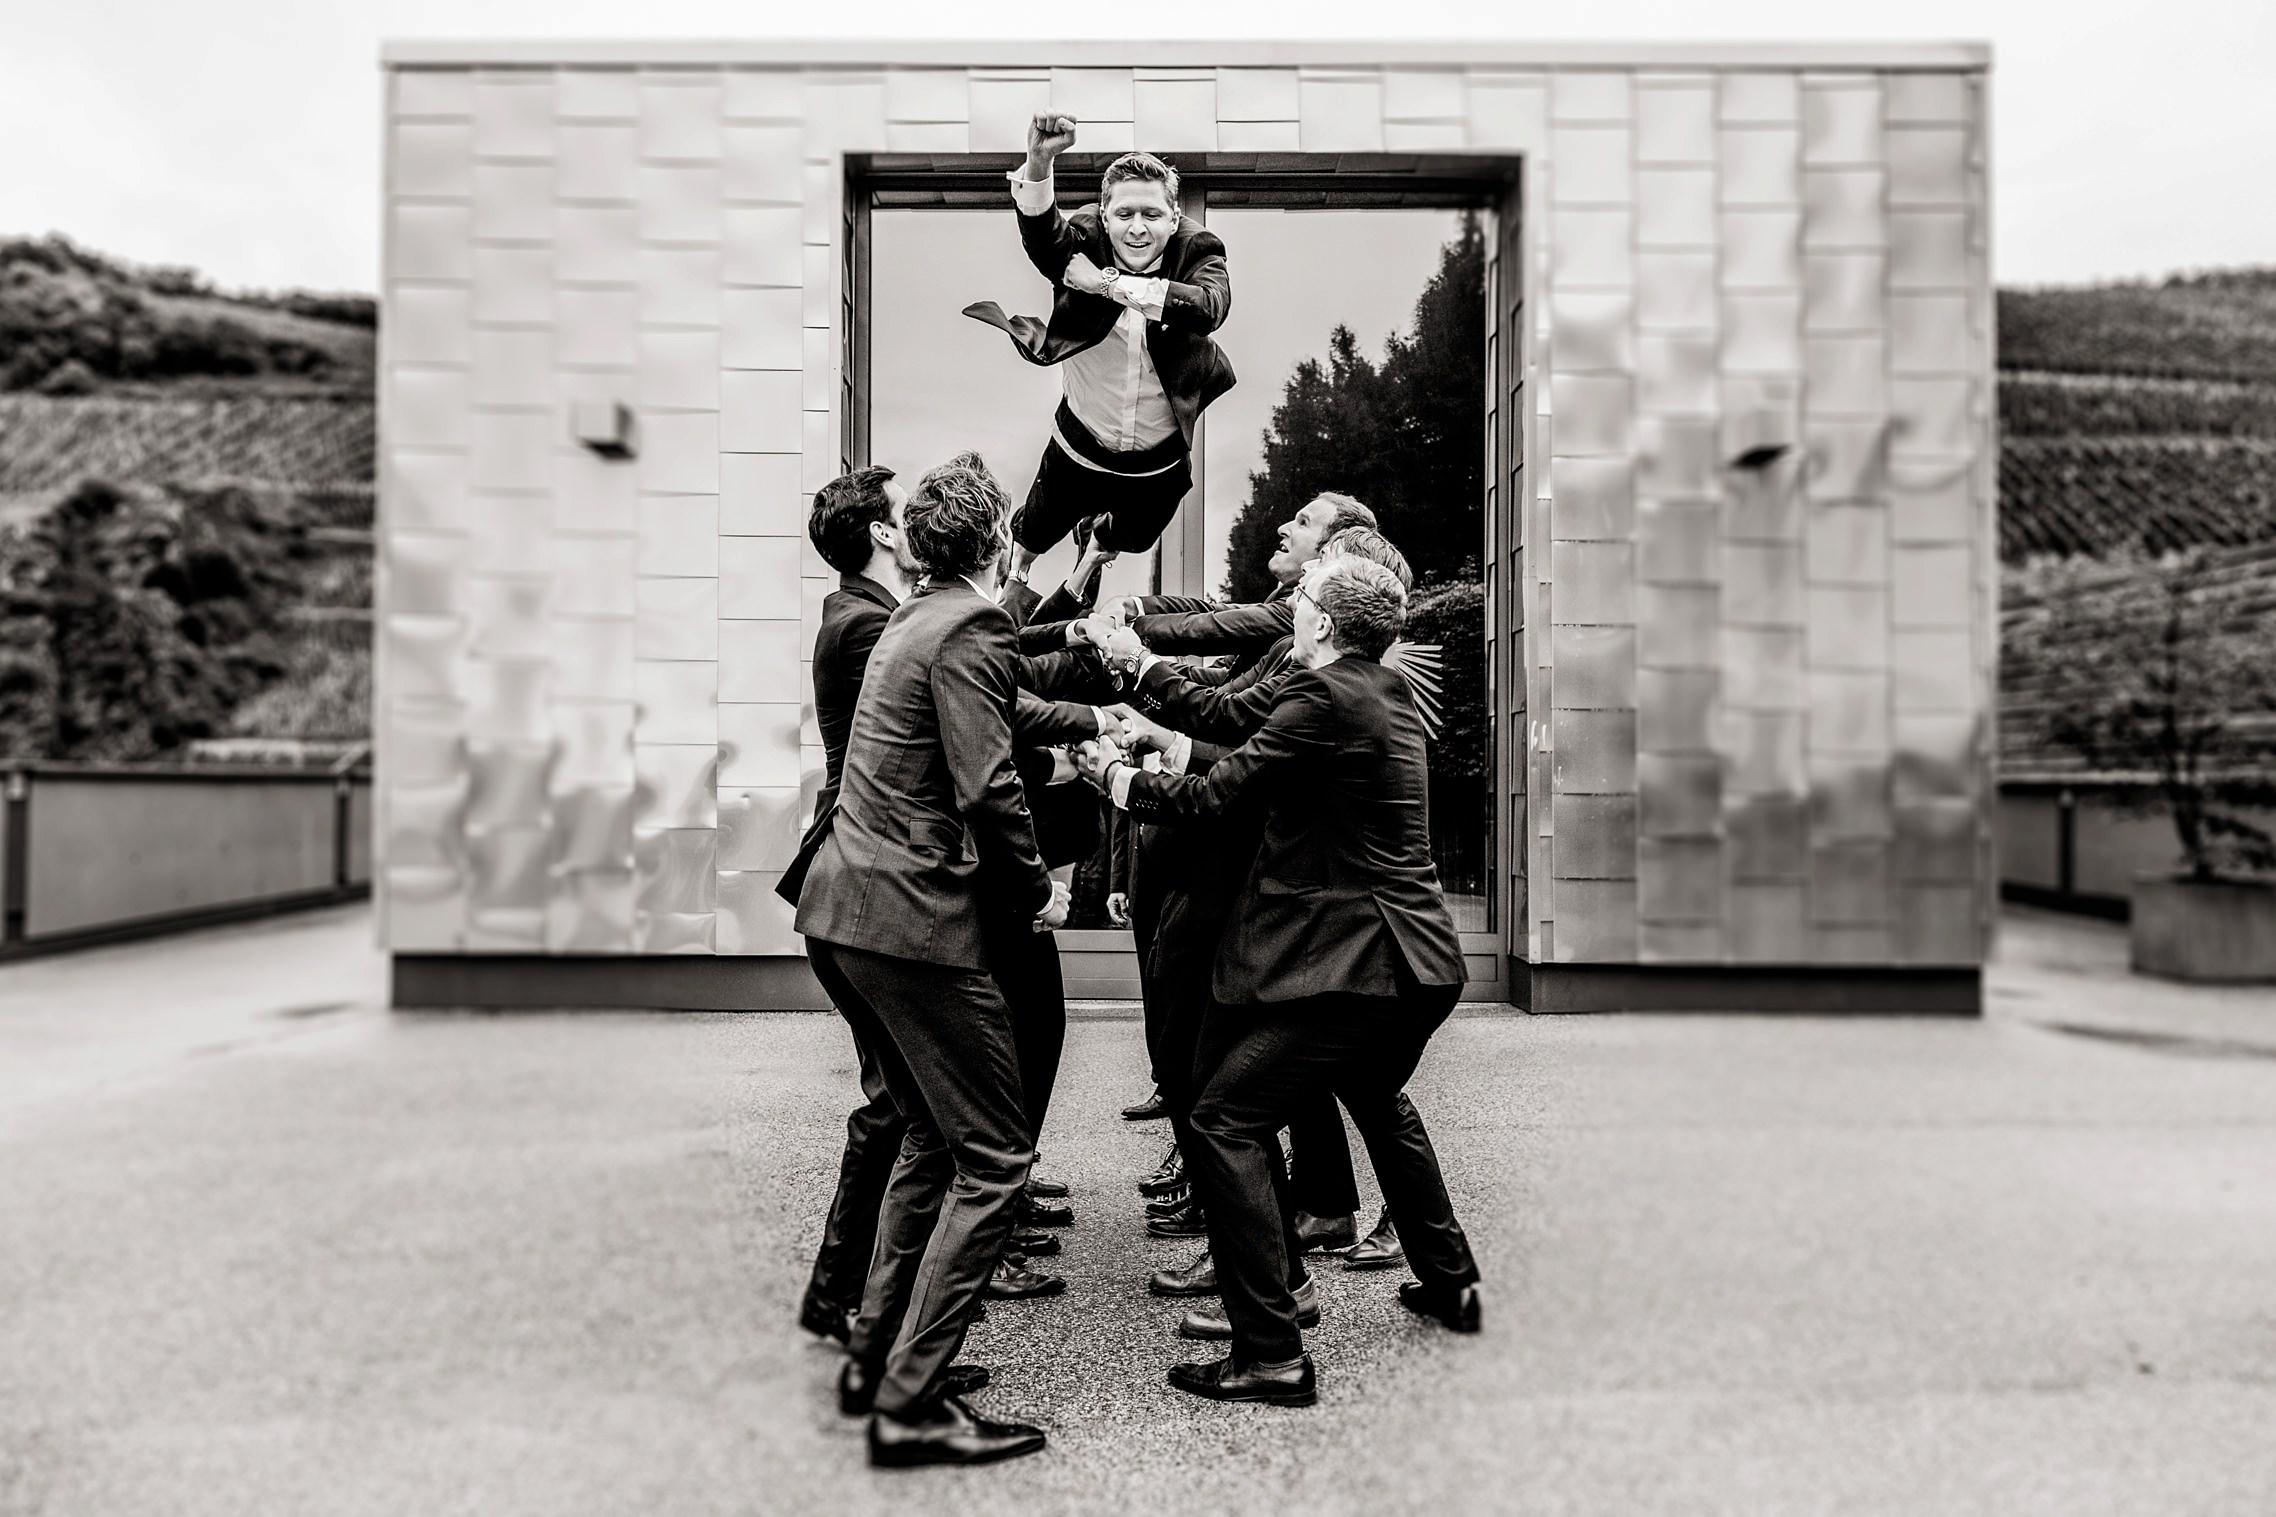 Bräutigam-Superman - die Jungs lassen den Mann des Tages fliegen!